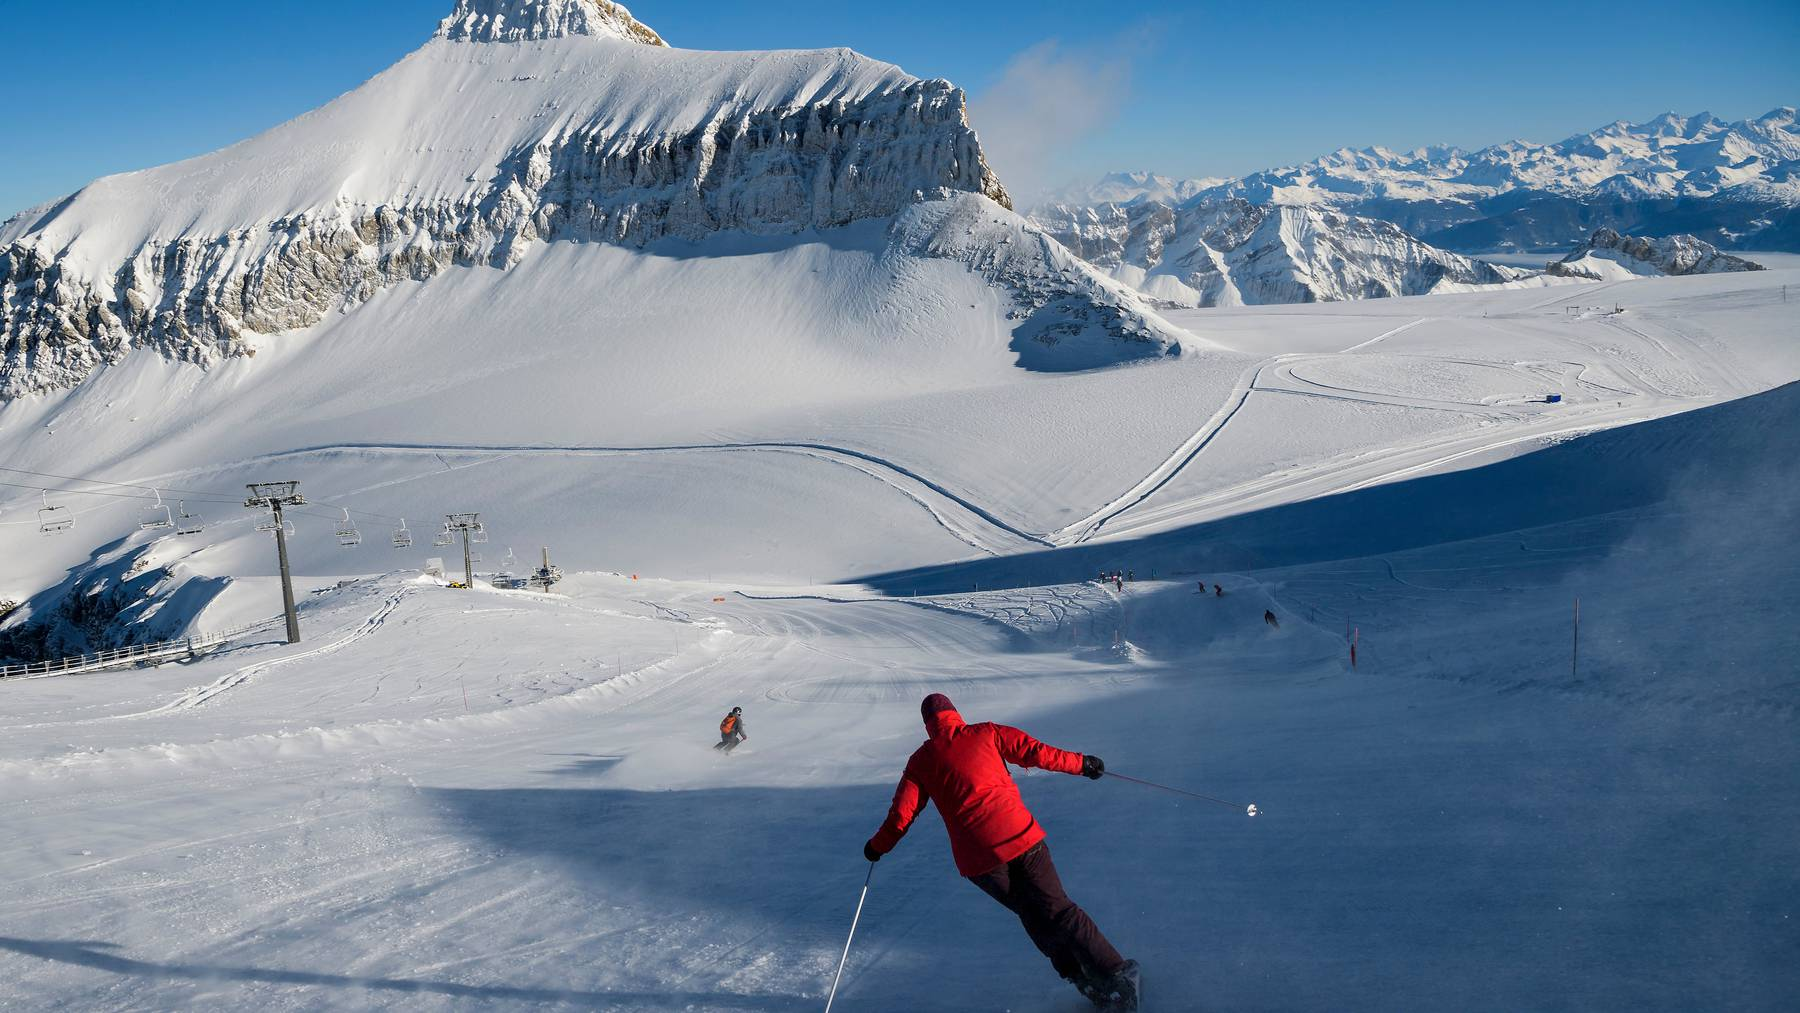 Schweiz Tourismus will informieren, wo noch Wintersport betrieben werden darf und wo nicht. (Symbolbild)